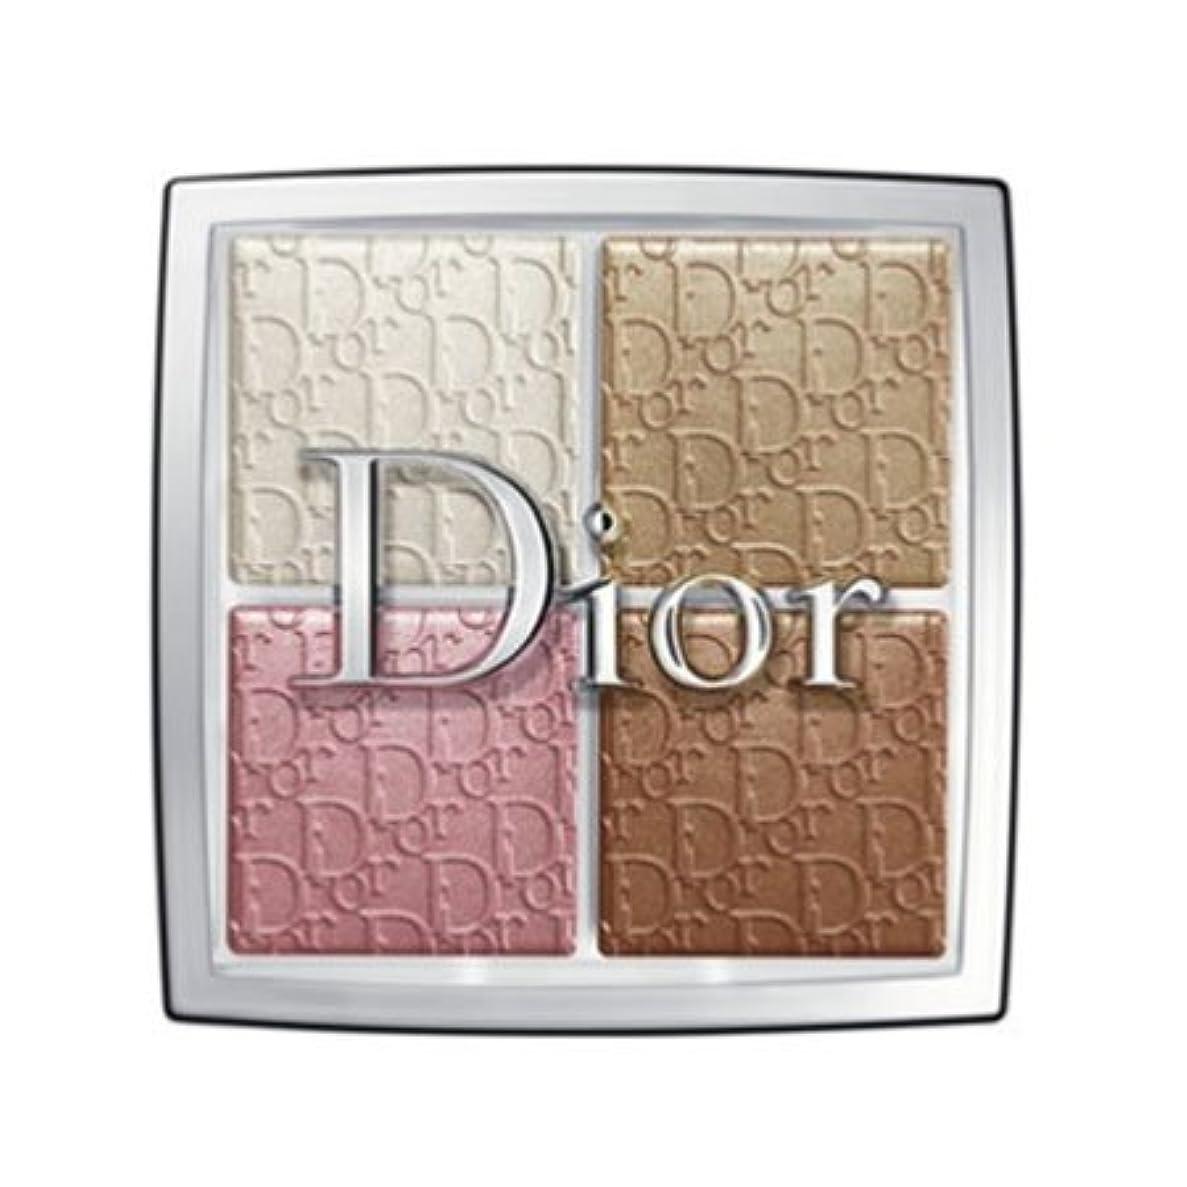 バルブ数学豆腐ディオール バックステージ フェイス グロウ パレット -Dior-